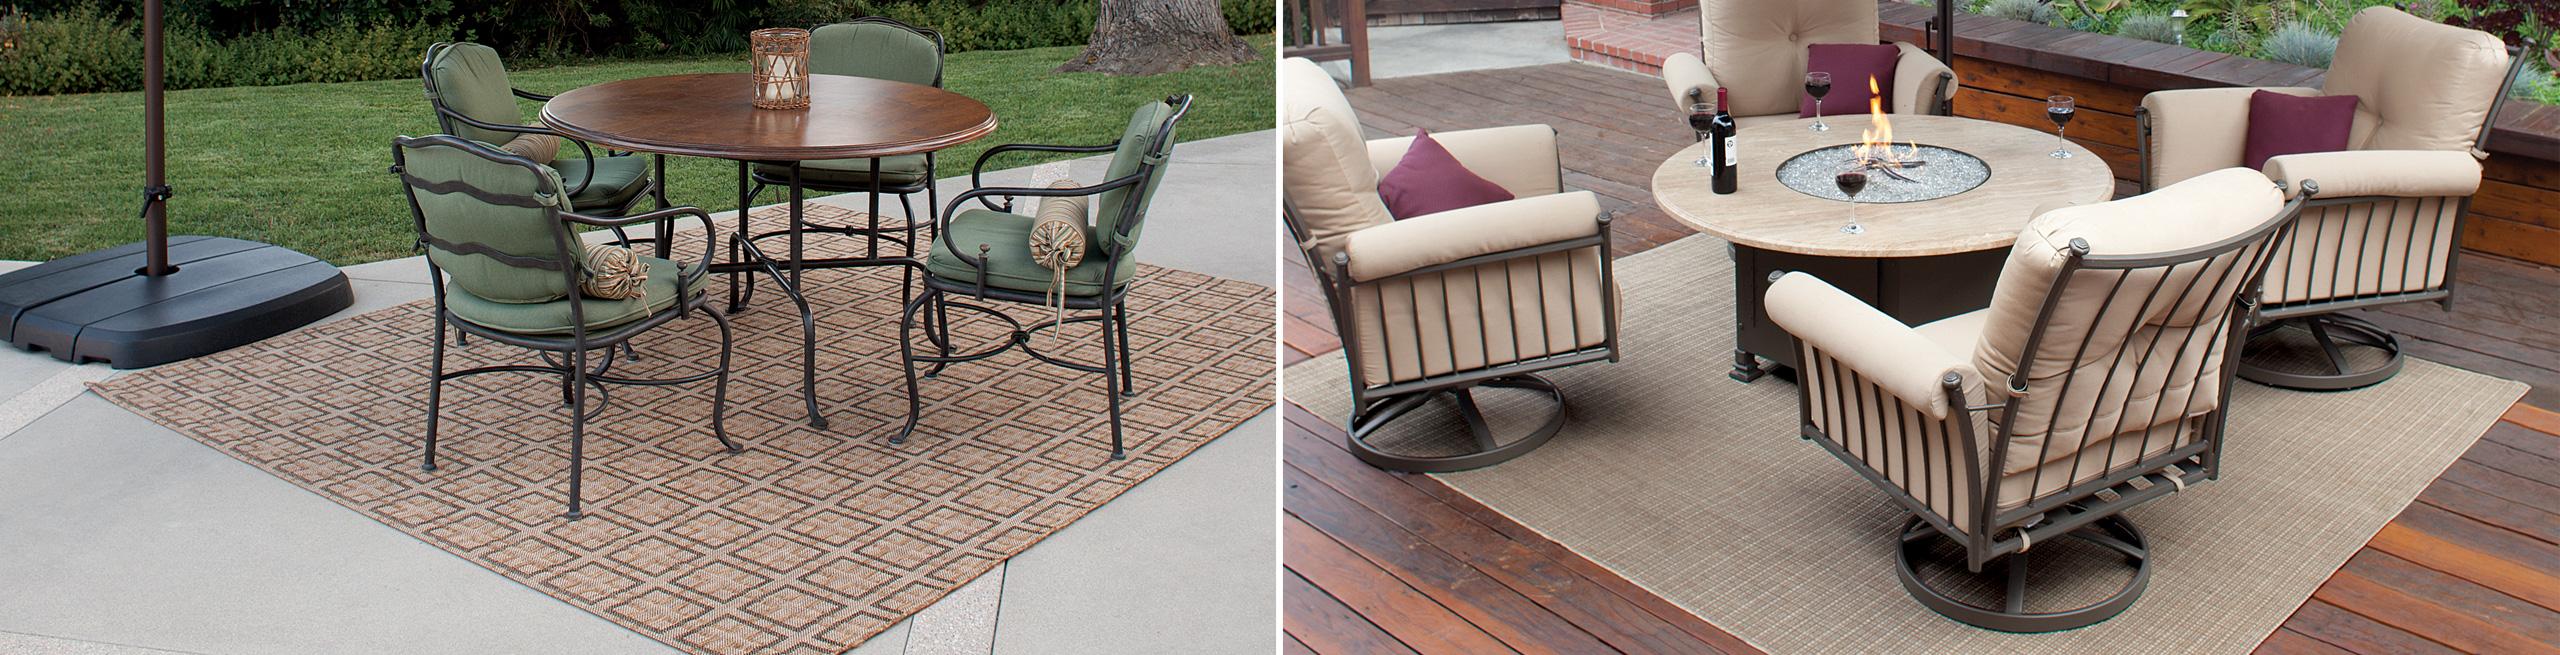 outdoor patio rug  74